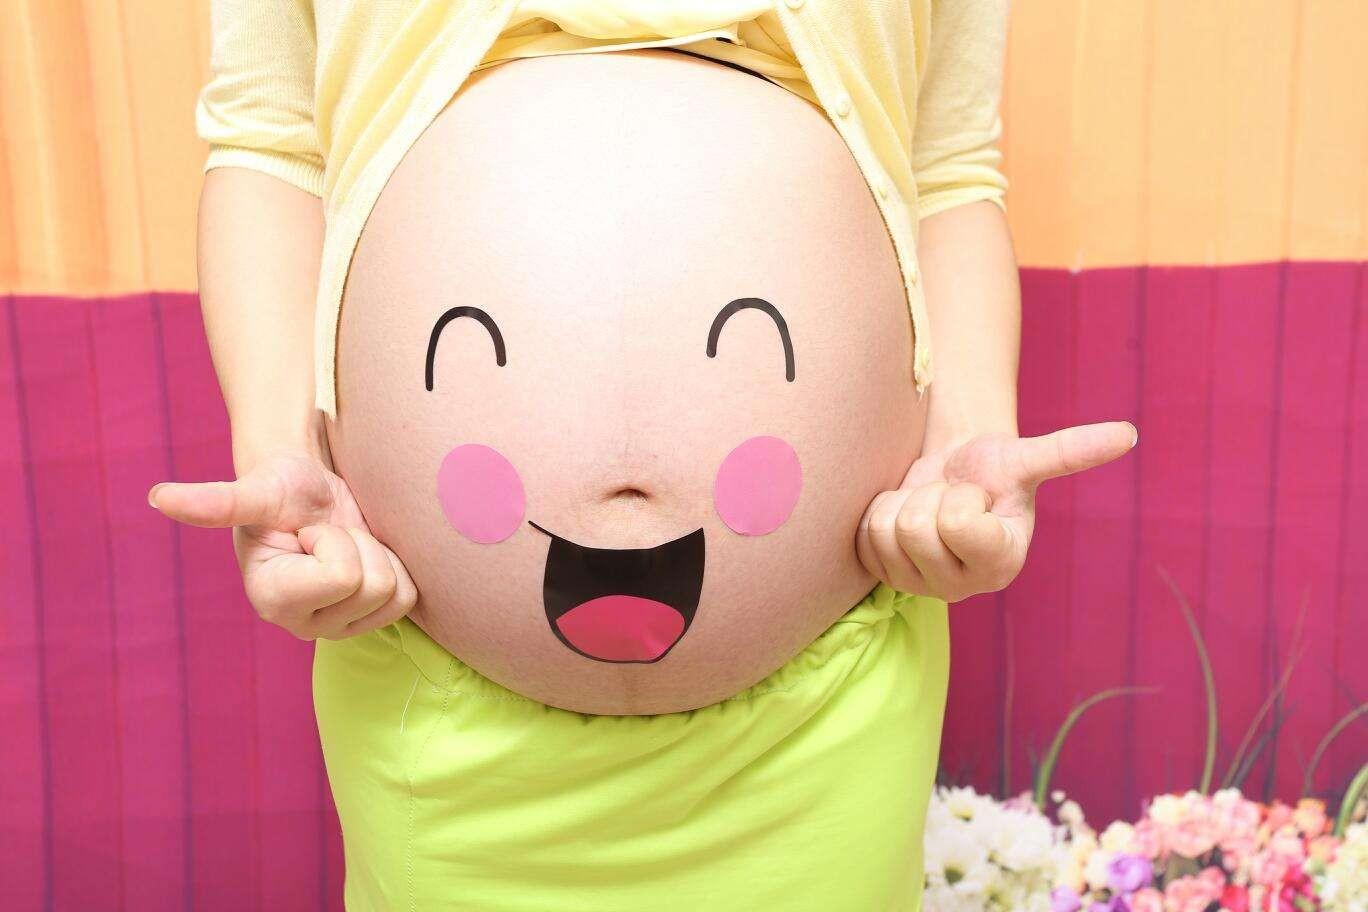 从怀孕保胎到现在一直在其他医院检查,能换到省妇幼生产吗?